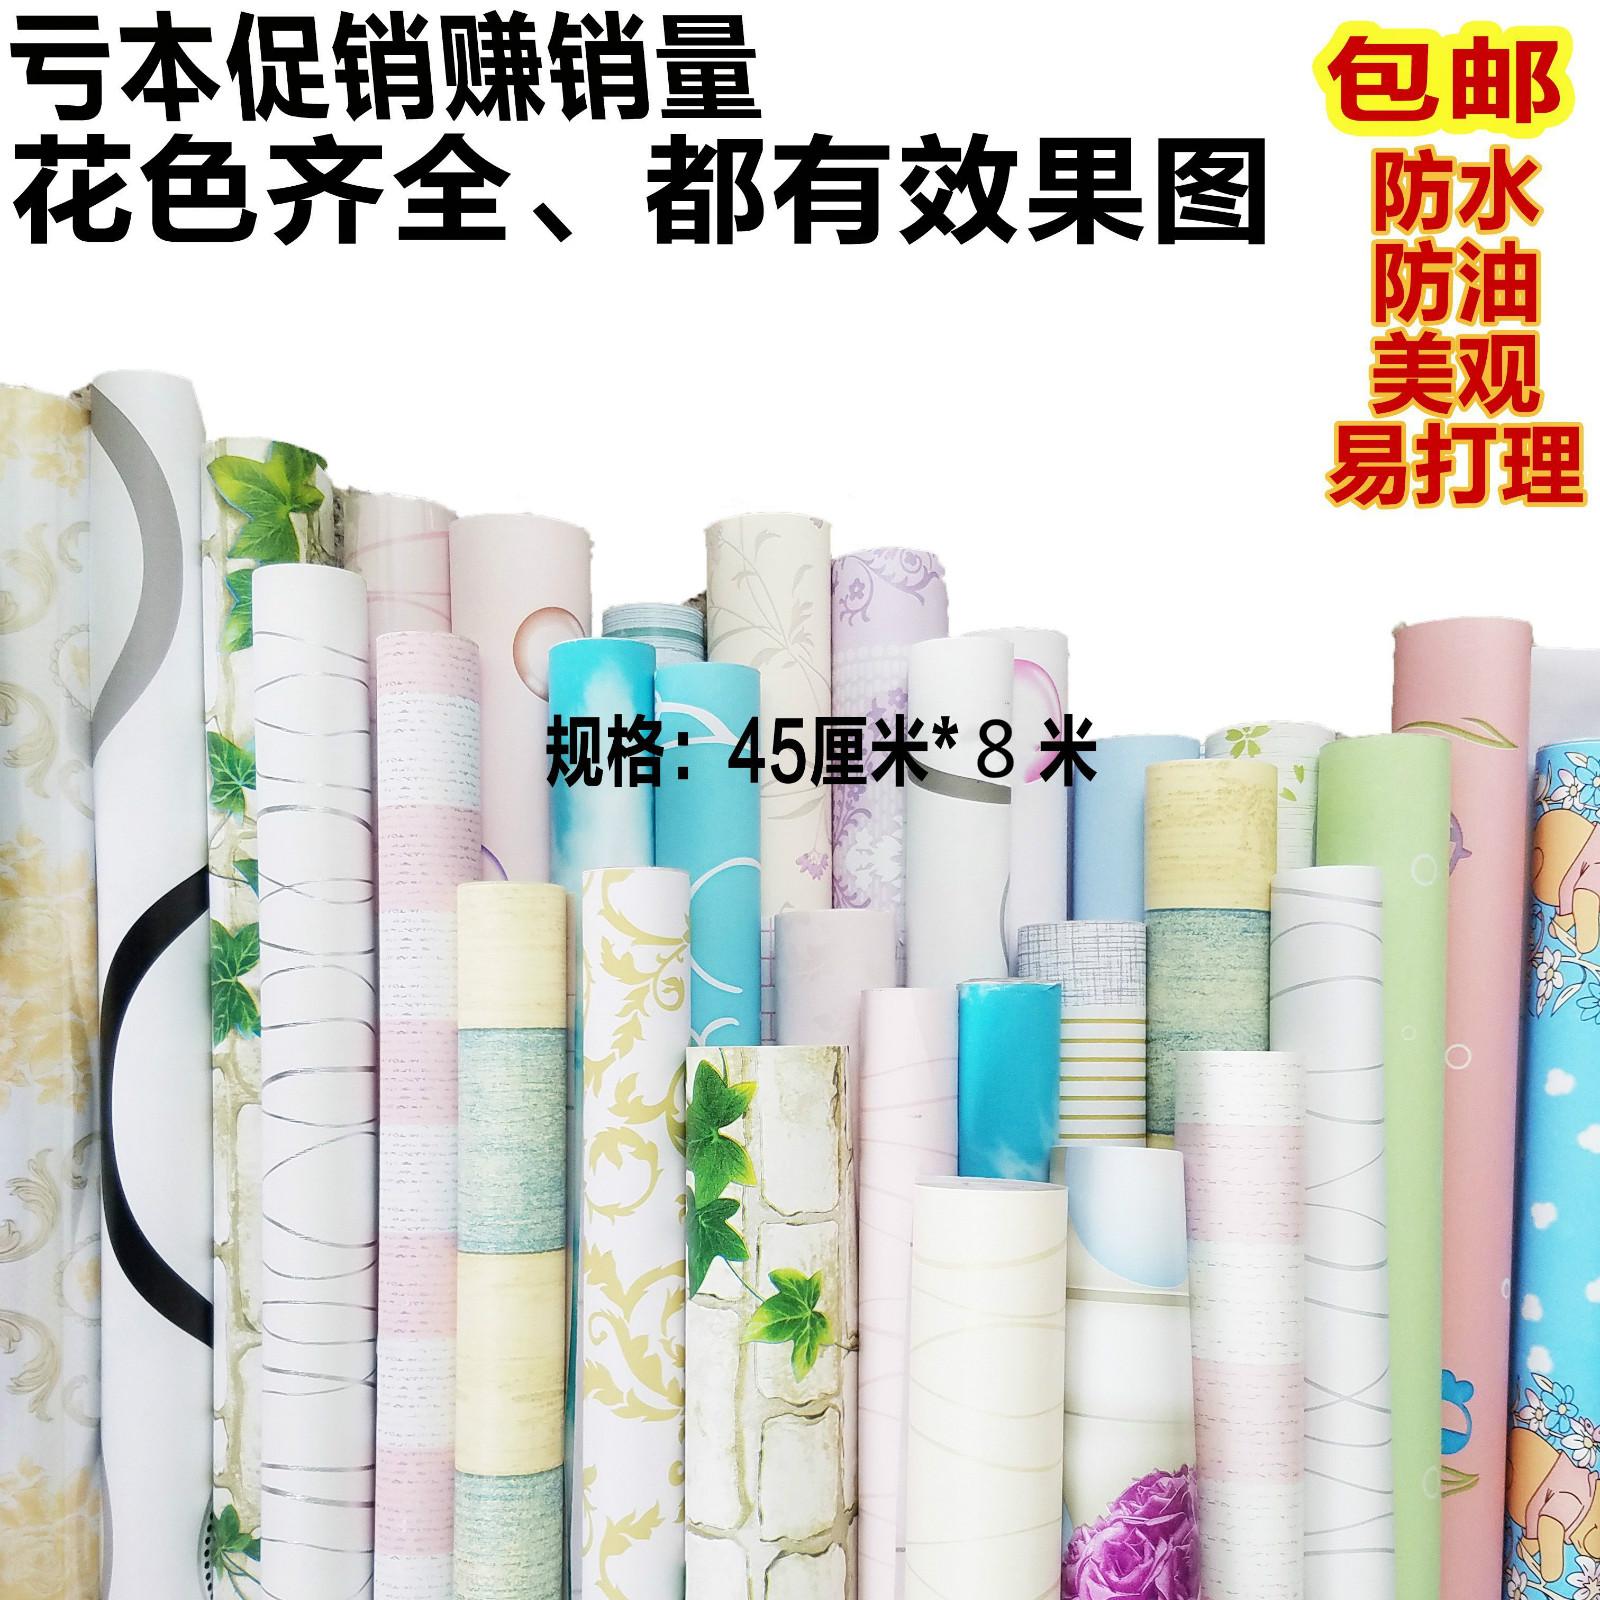 10米PVC墙纸自粘壁纸墙贴寝室大学生宿舍翻新防水纸客厅卧室